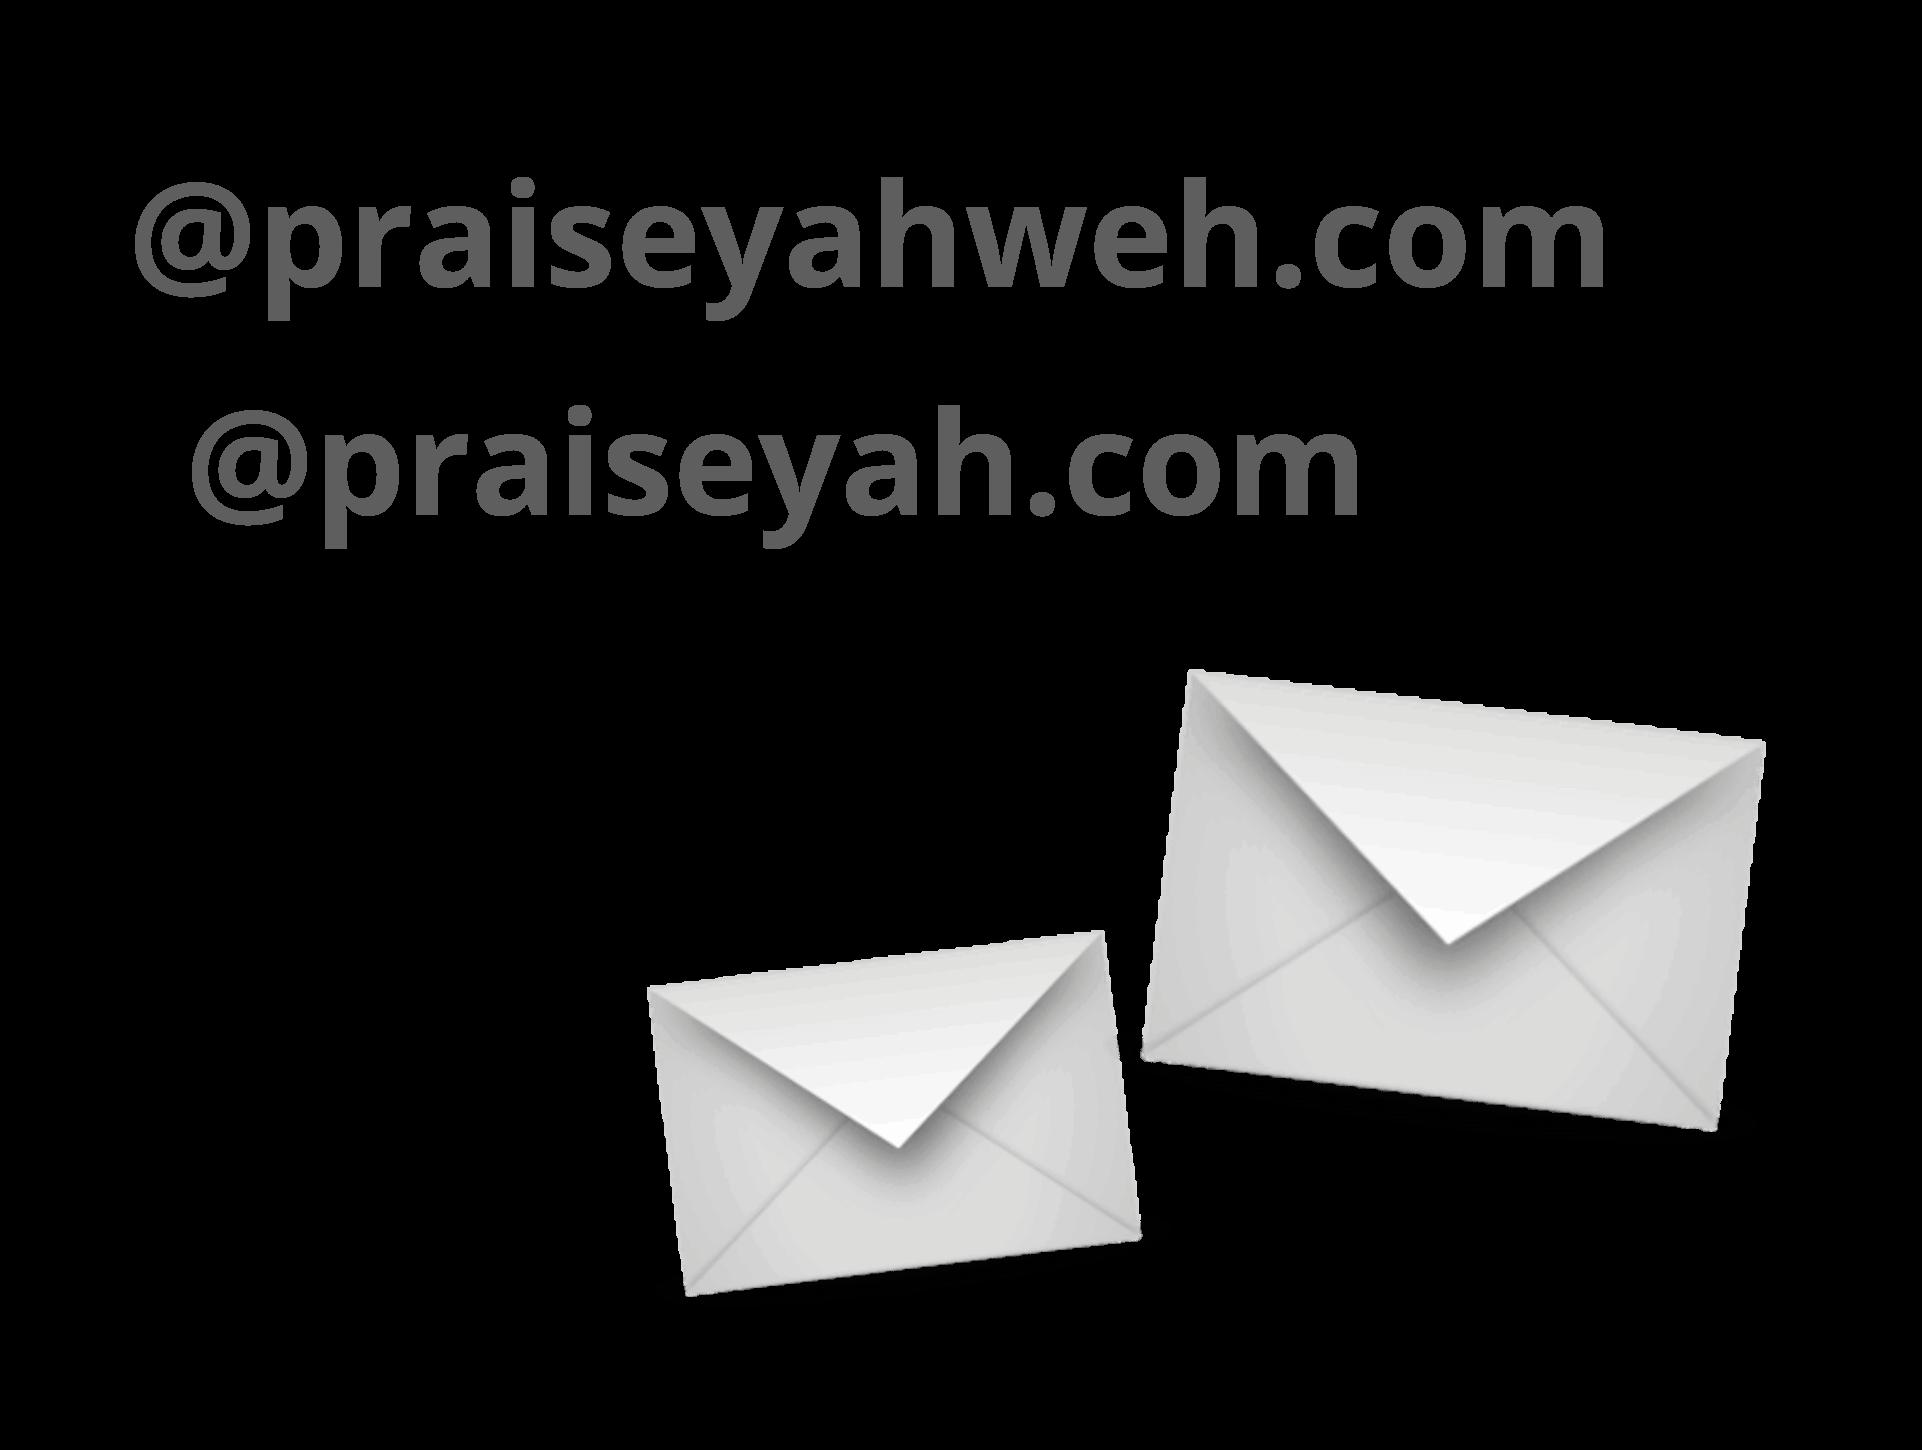 Ad-free Webmail